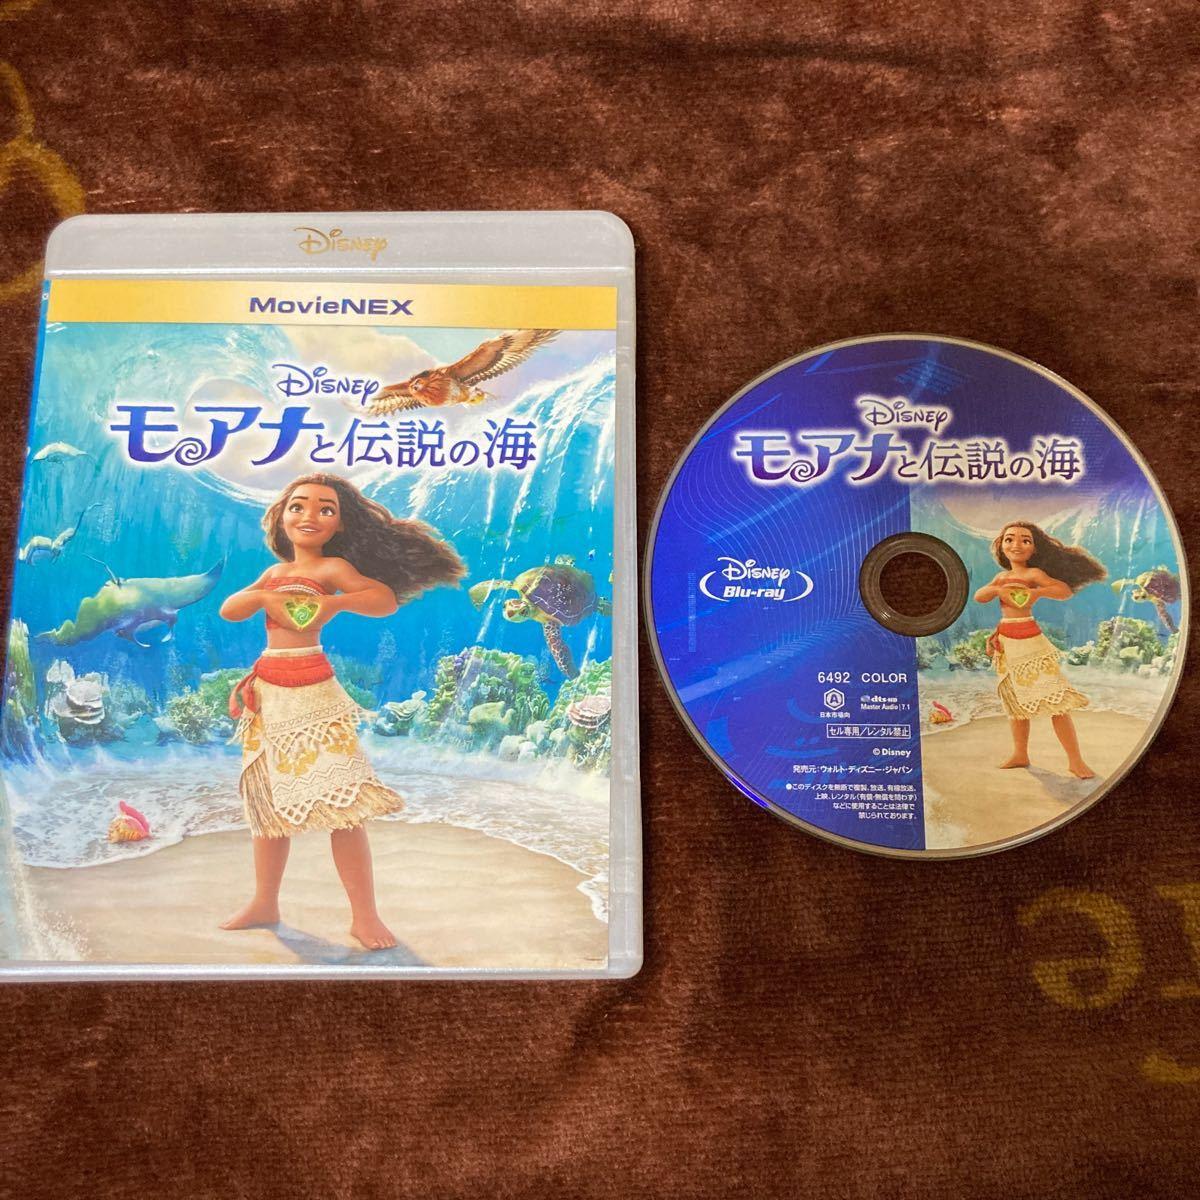 モアナと伝説の海 Blu-ray ディズニー